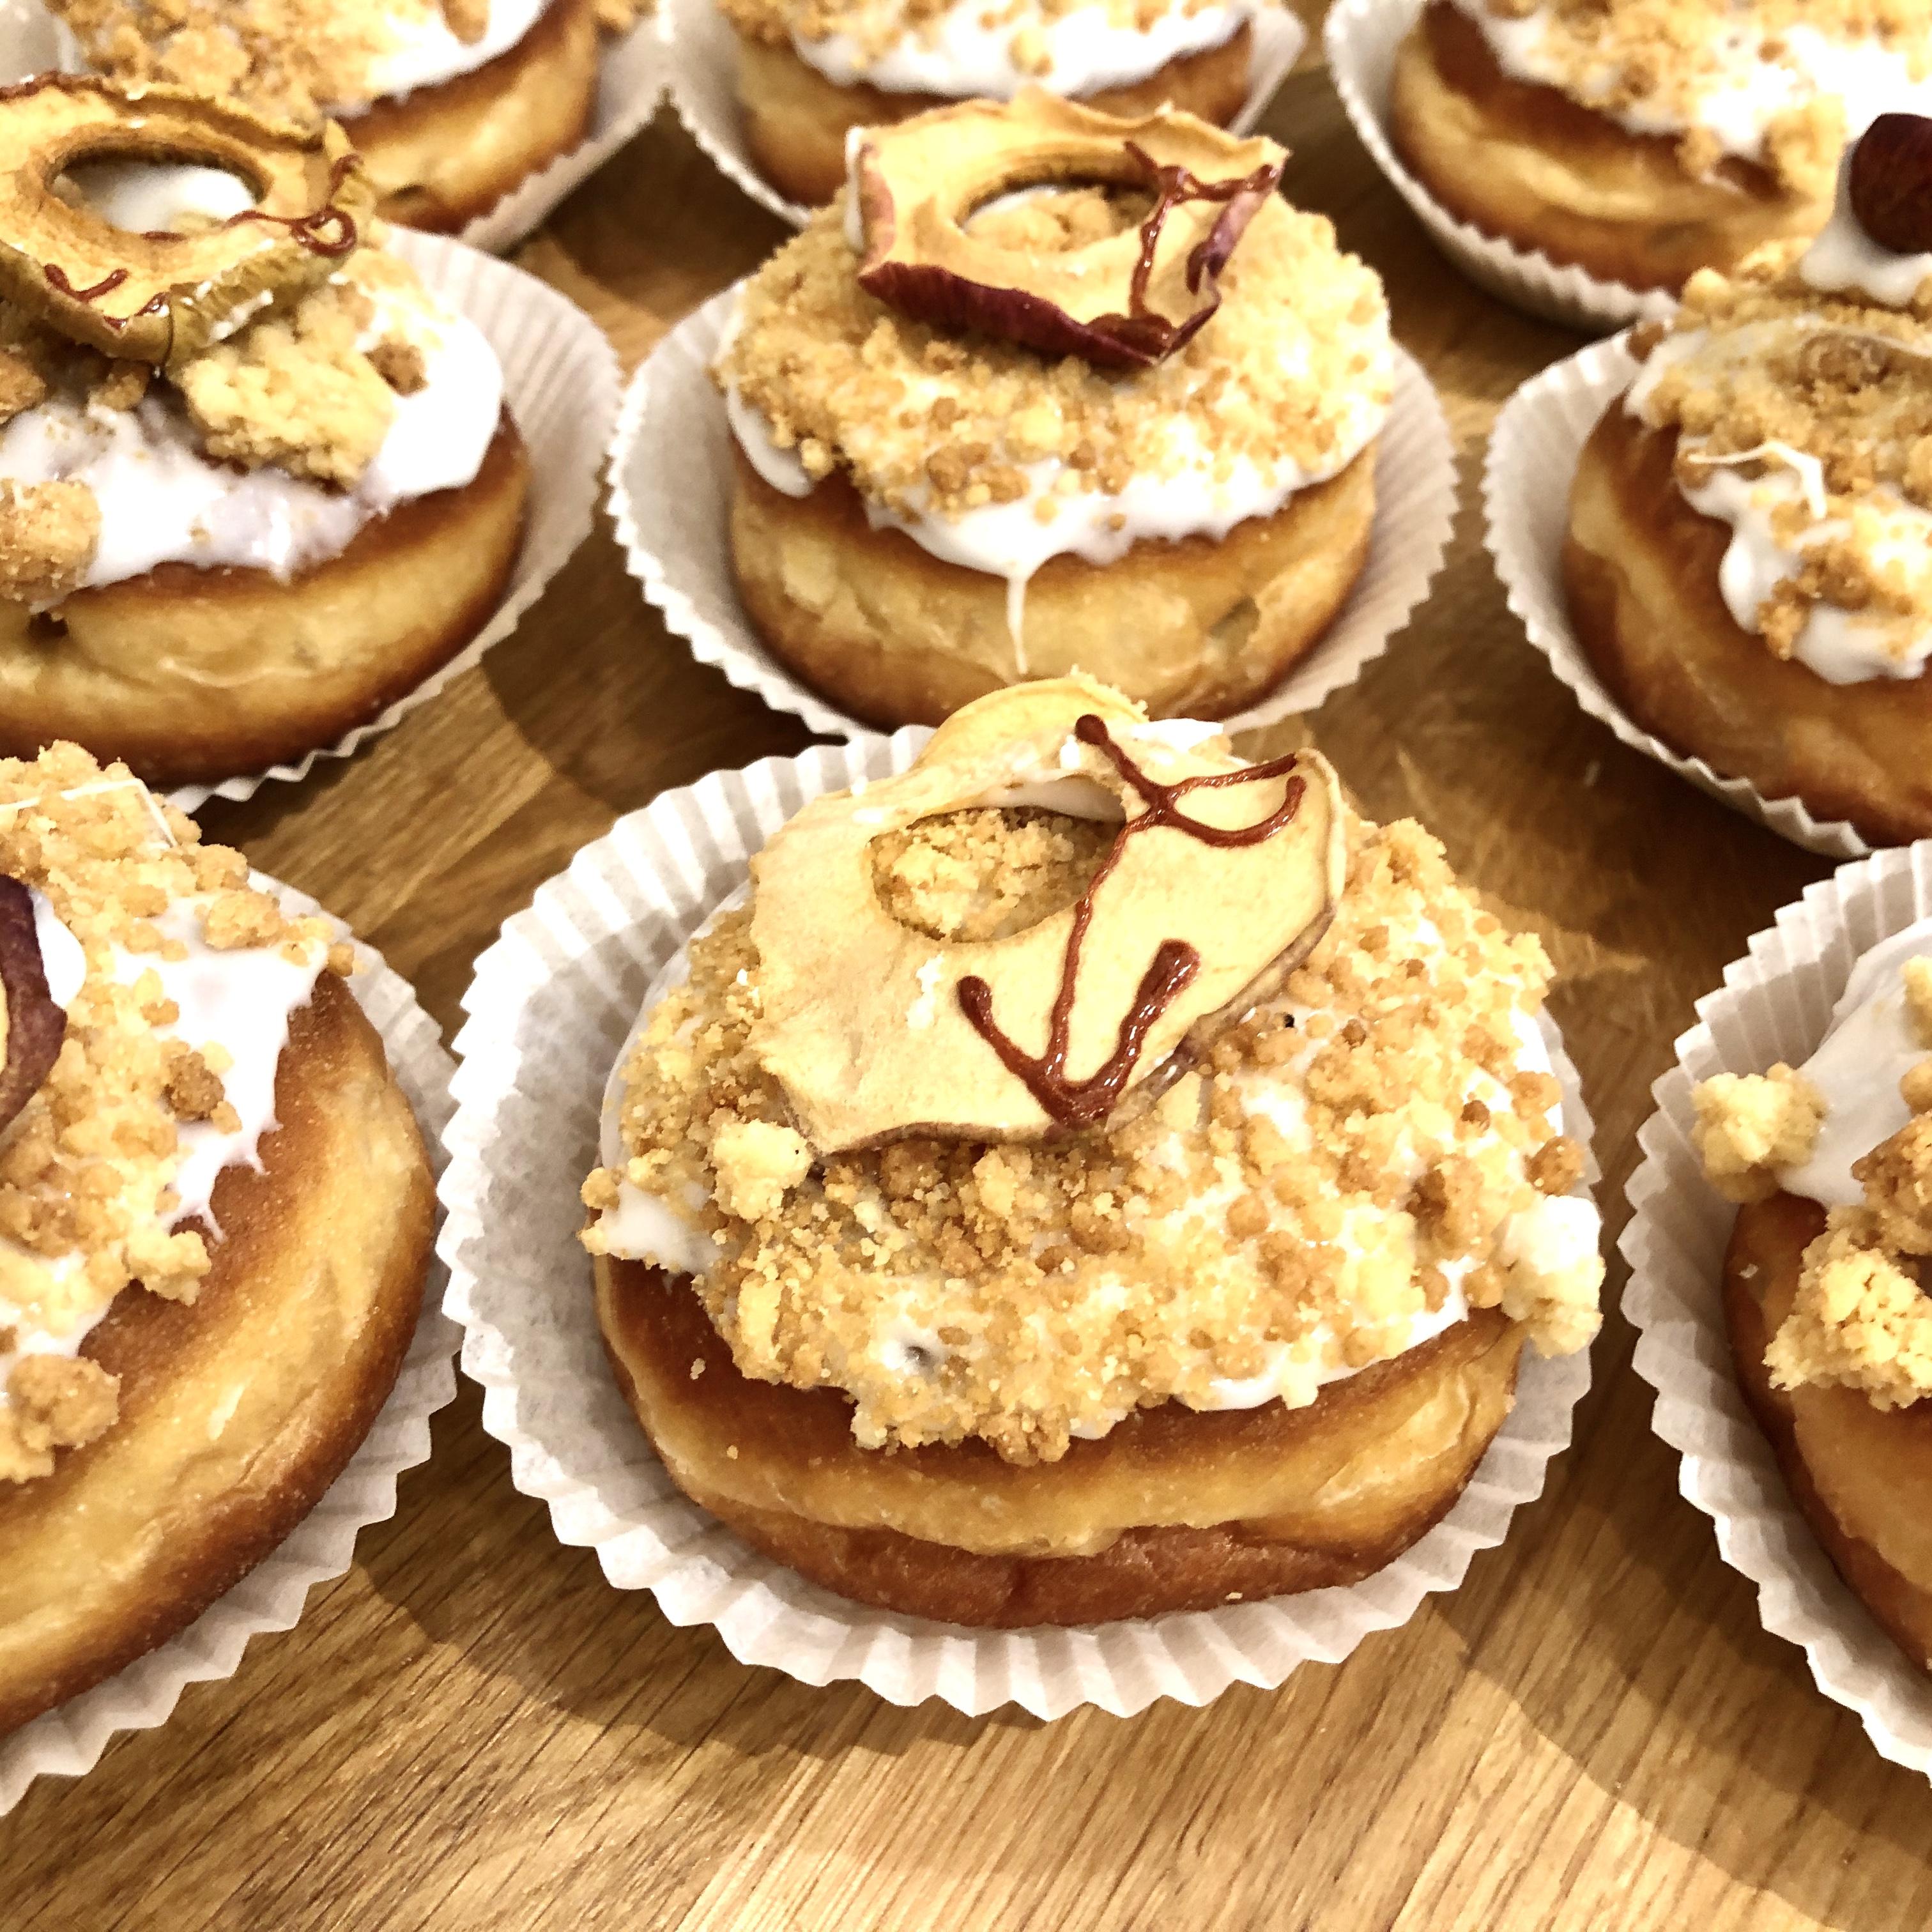 Unser Apple Pie schmeckt wie ein traditioneller Apfelkuchen mit Hefeteig, Butterstreuseln, wie Oma ihn früher gebacken hat. Er ist nur eben rund.